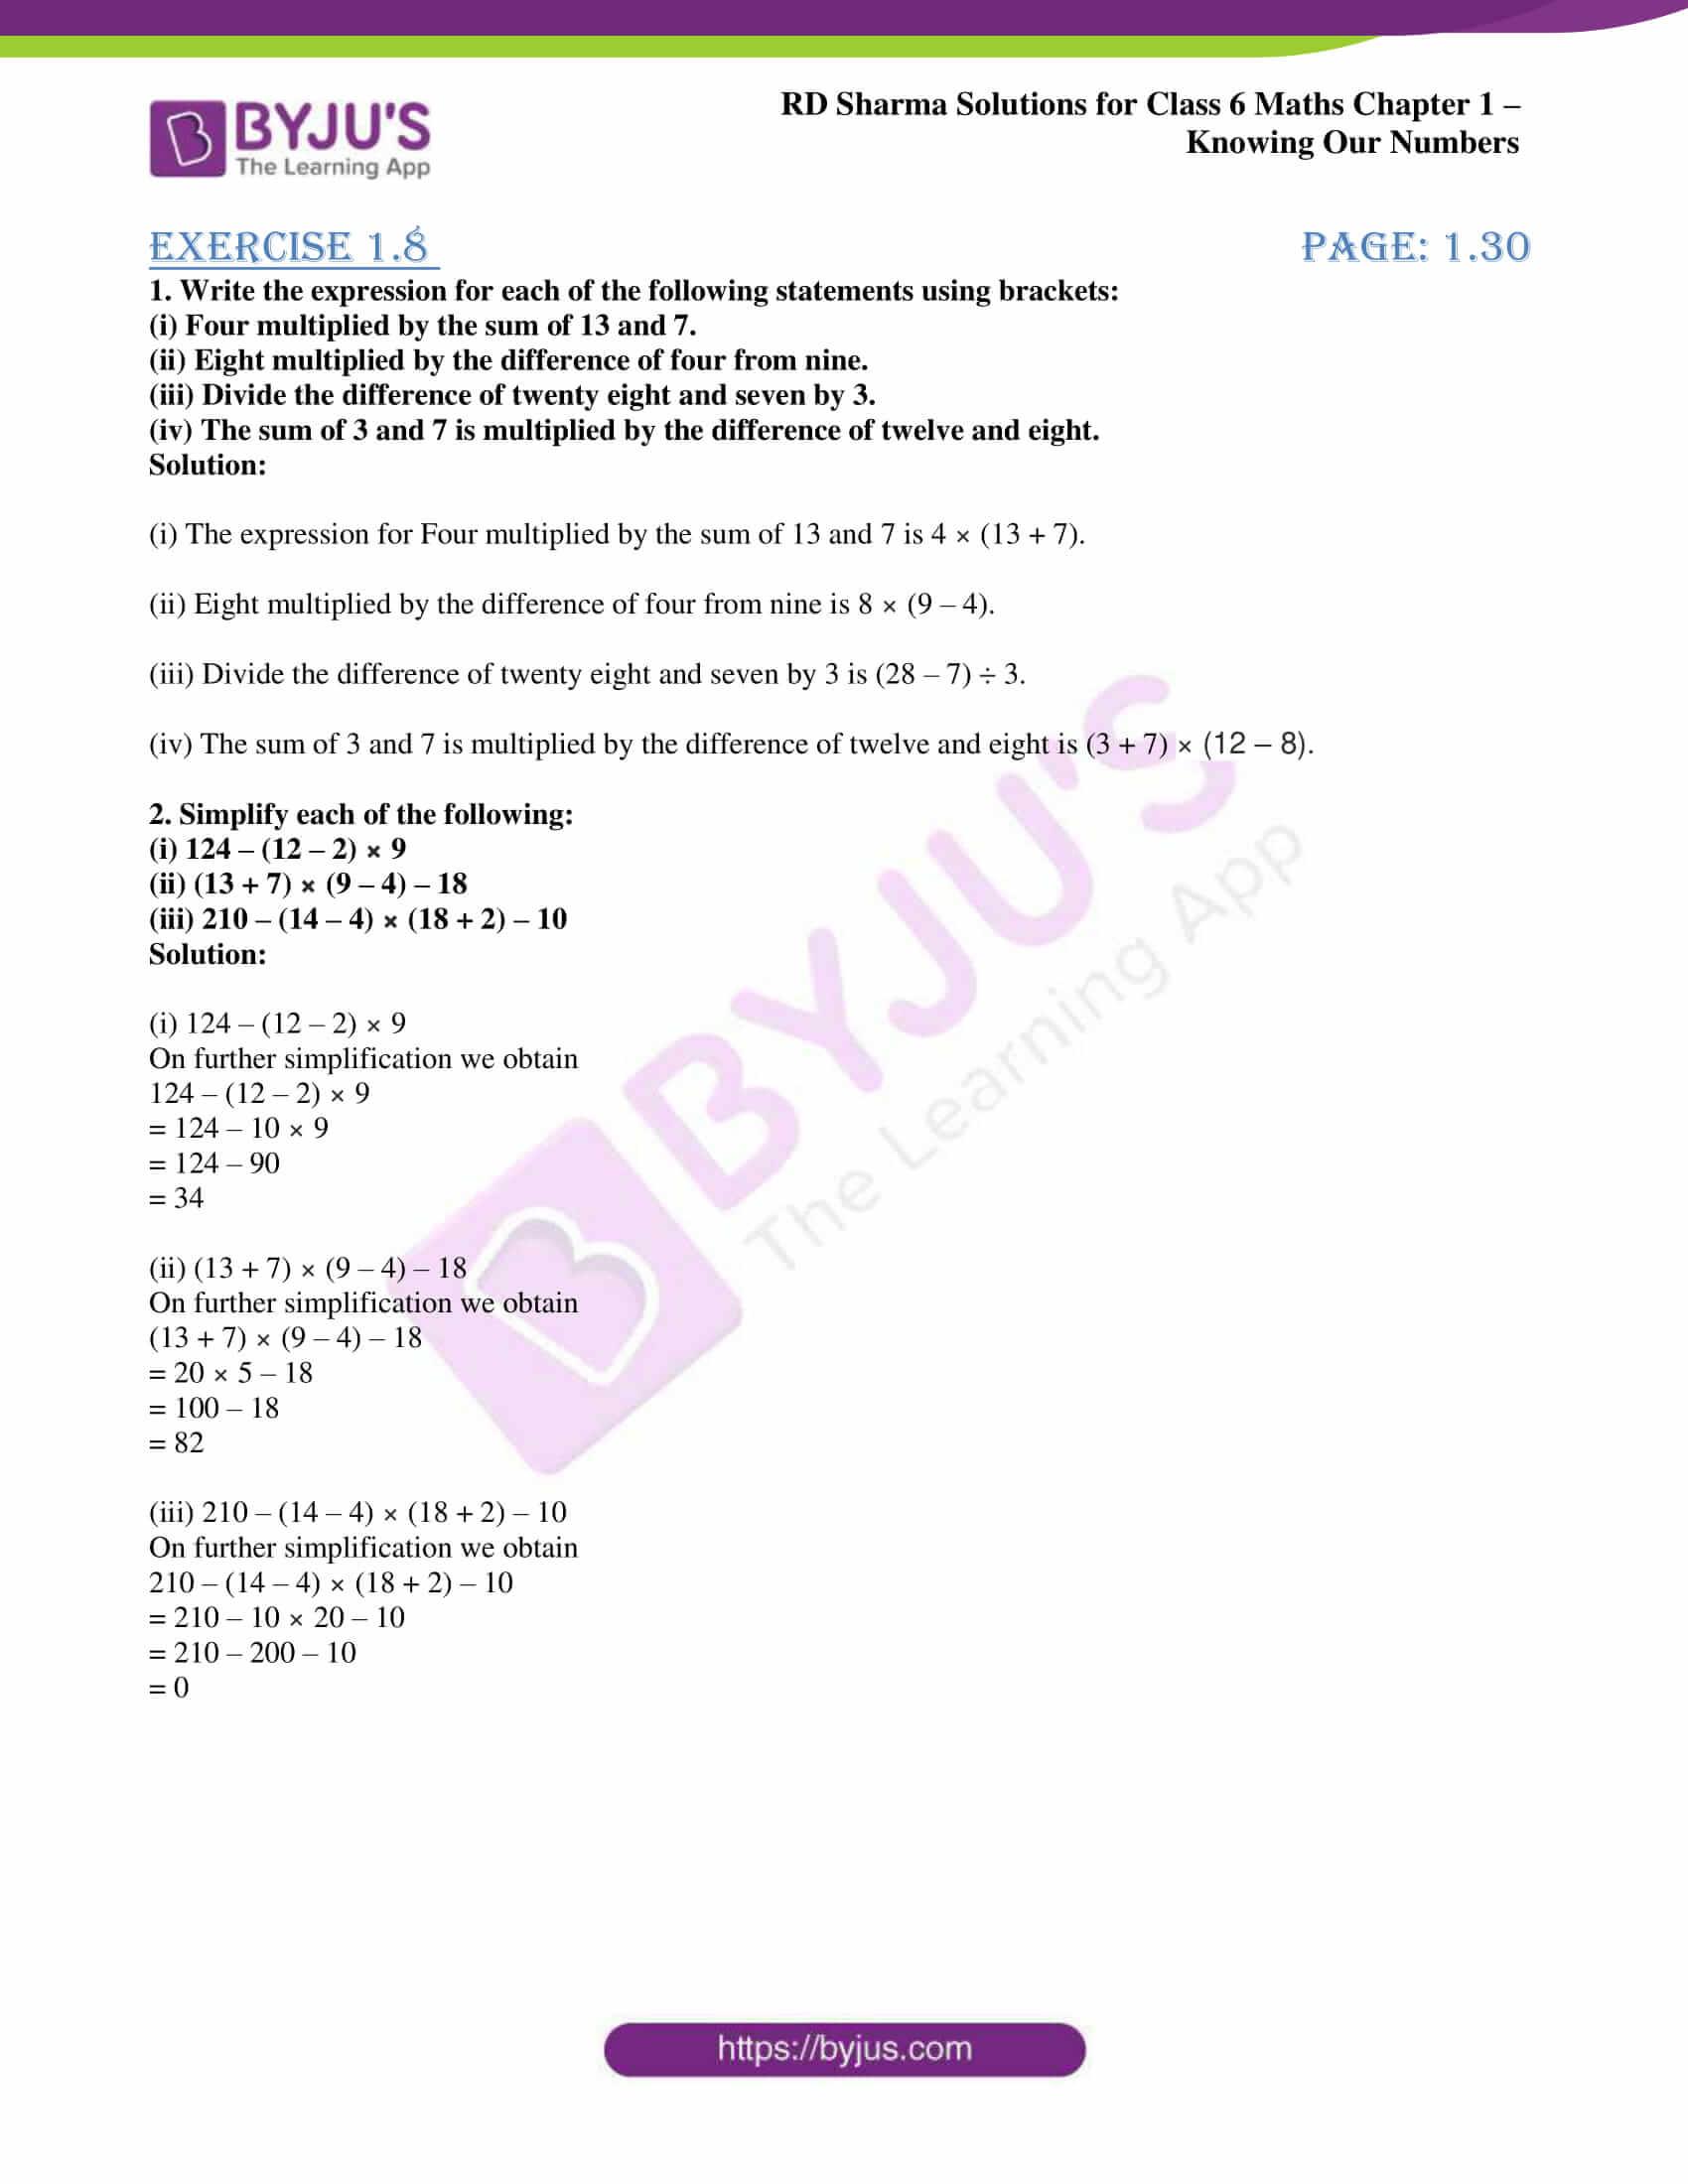 rd sharma class 6 maths solutions chapter 1 ex 8 1